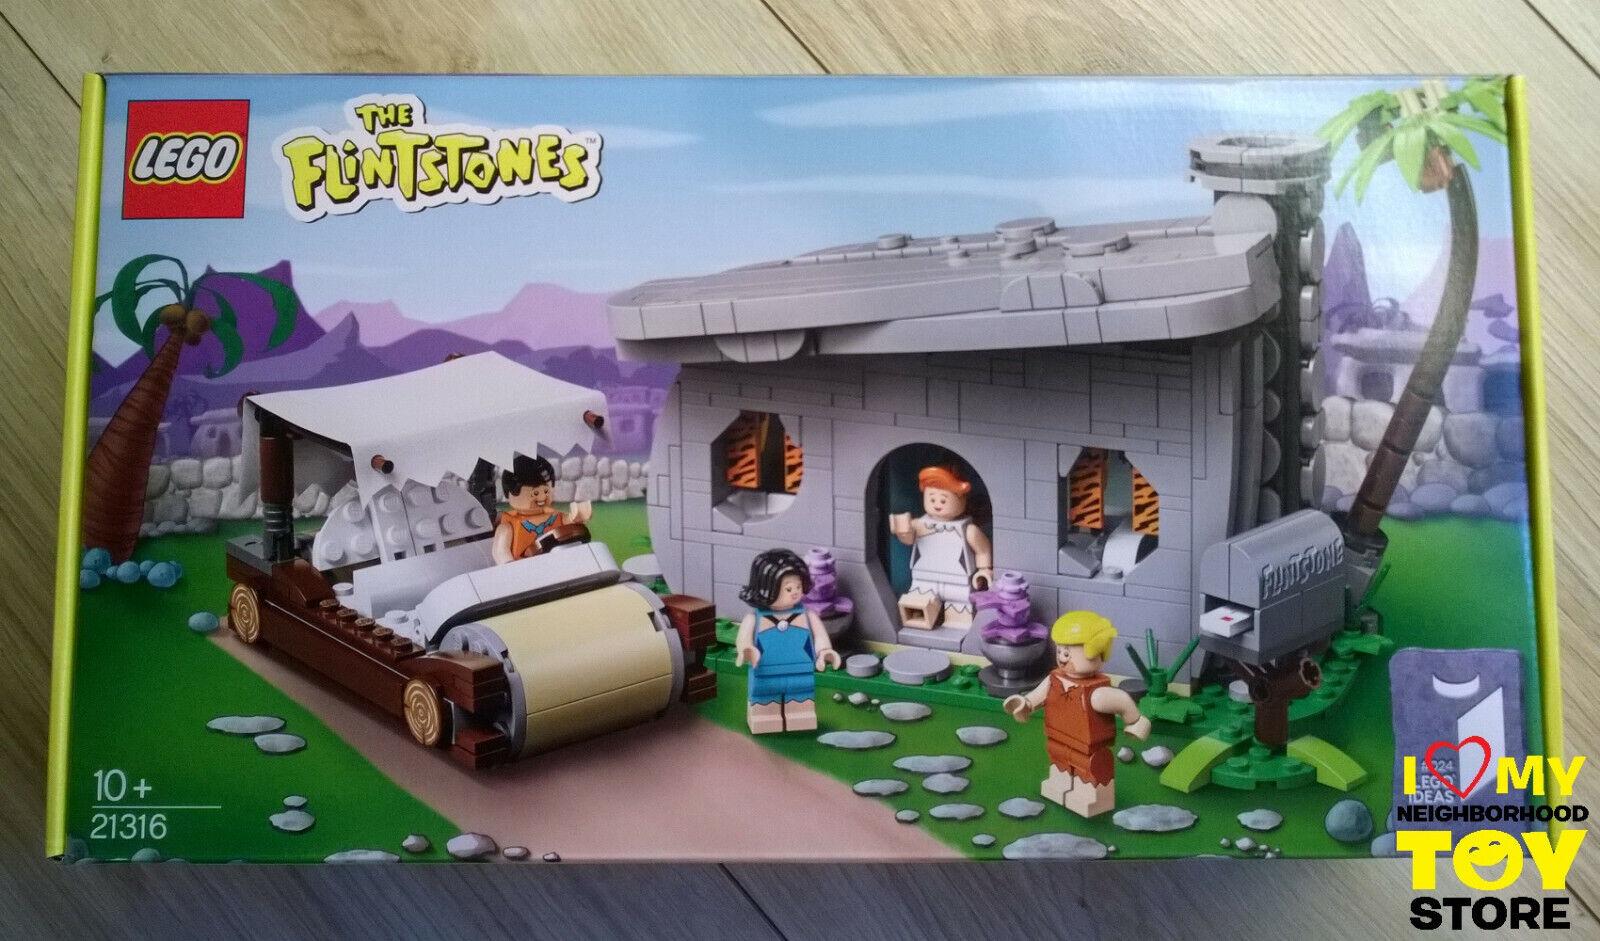 IN IN IN STOCK - LEGO 21316 IDEAS  024 THE FLINTSTONES™ (2019) - MISB a8e189